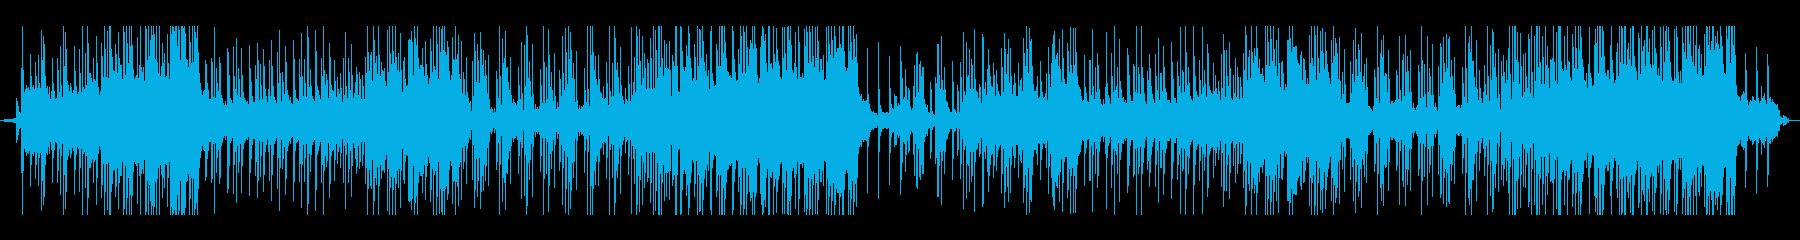 ベル音で軽快なサウンドトラックの再生済みの波形